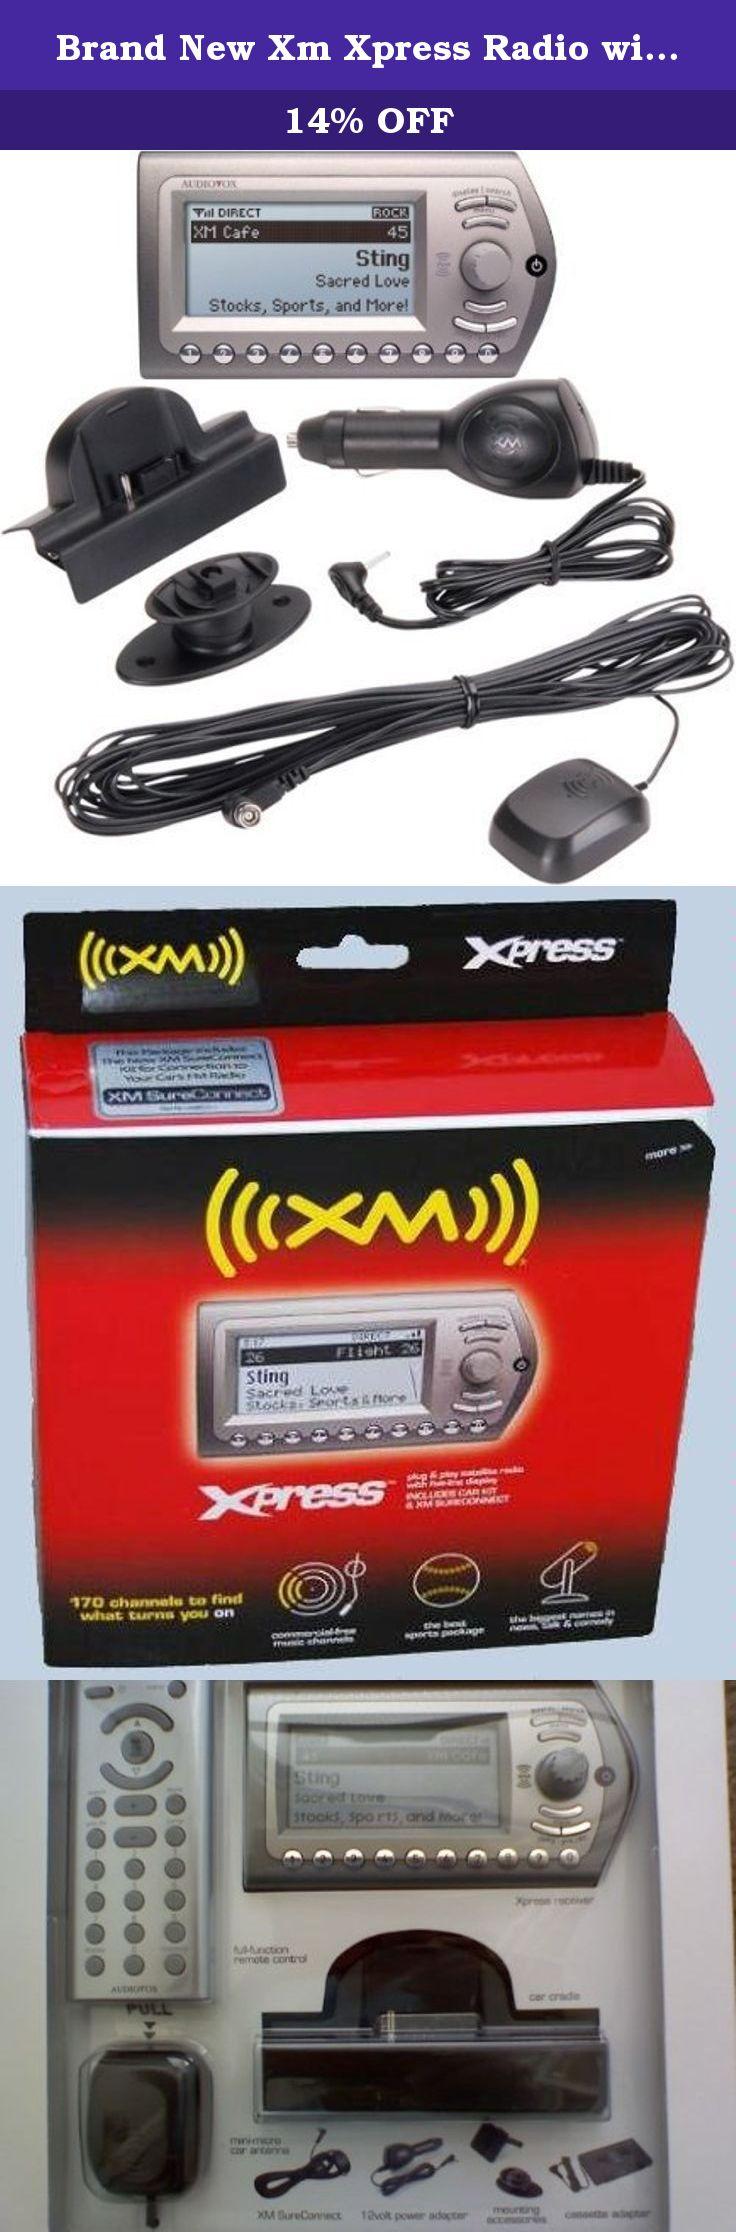 brand new xm xpress radio with car kit a brand new audiovox xpress rh pinterest se Audiovox Logo Audiovox Manuals Xt-946